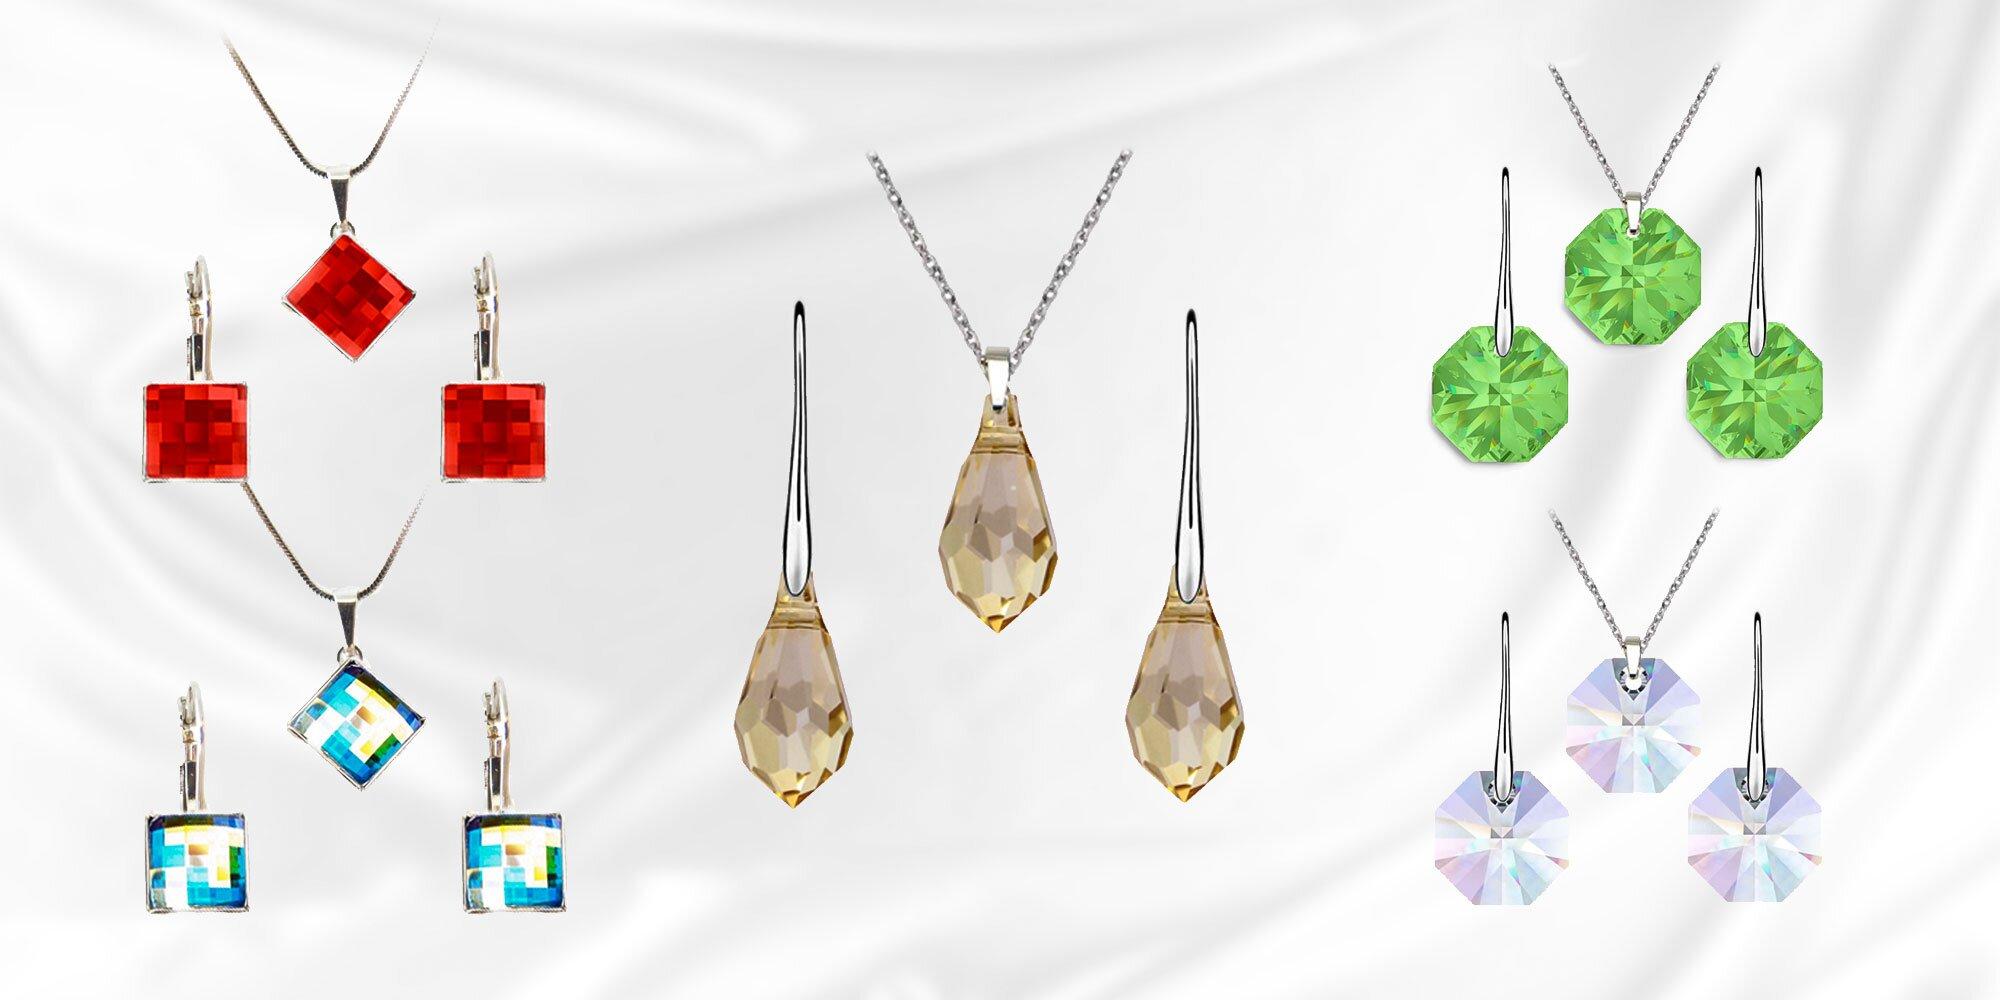 Šachovnicový set šperkov Swarovski a ďalšie krásne šperky Swarovski ... 4256d5dad67